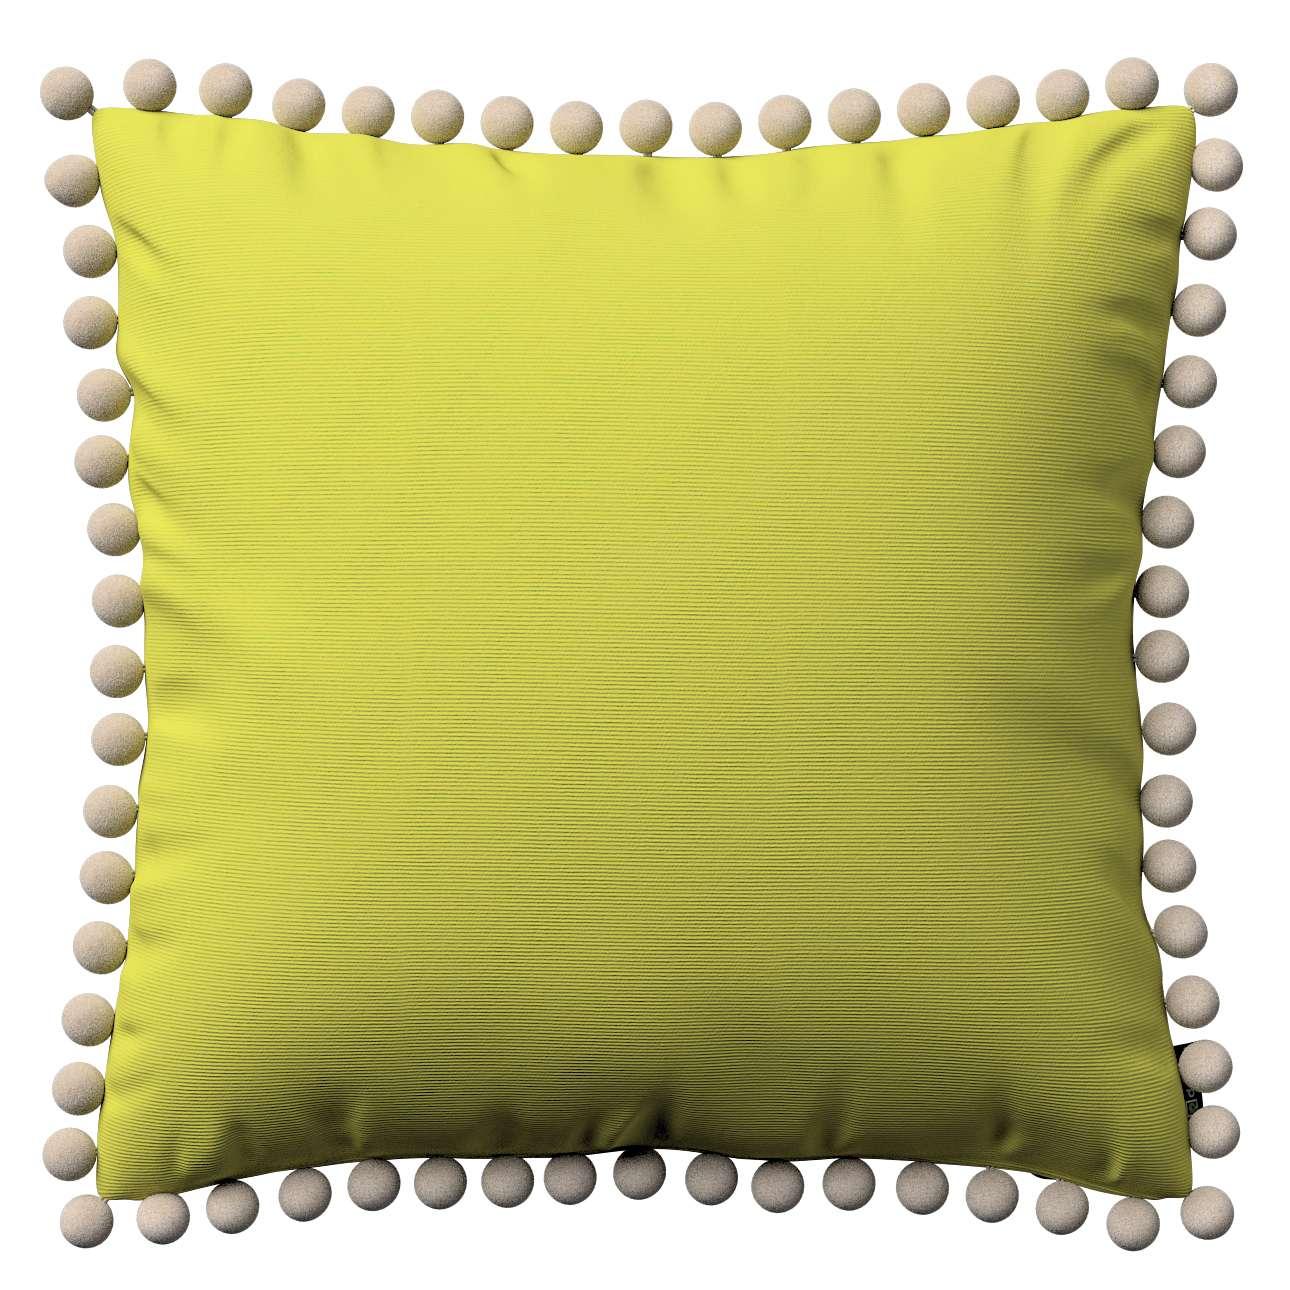 Wera dekoratyvinės pagalvėlės su žaismingais kraštais 45 x 45 cm kolekcijoje Jupiter, audinys: 127-50